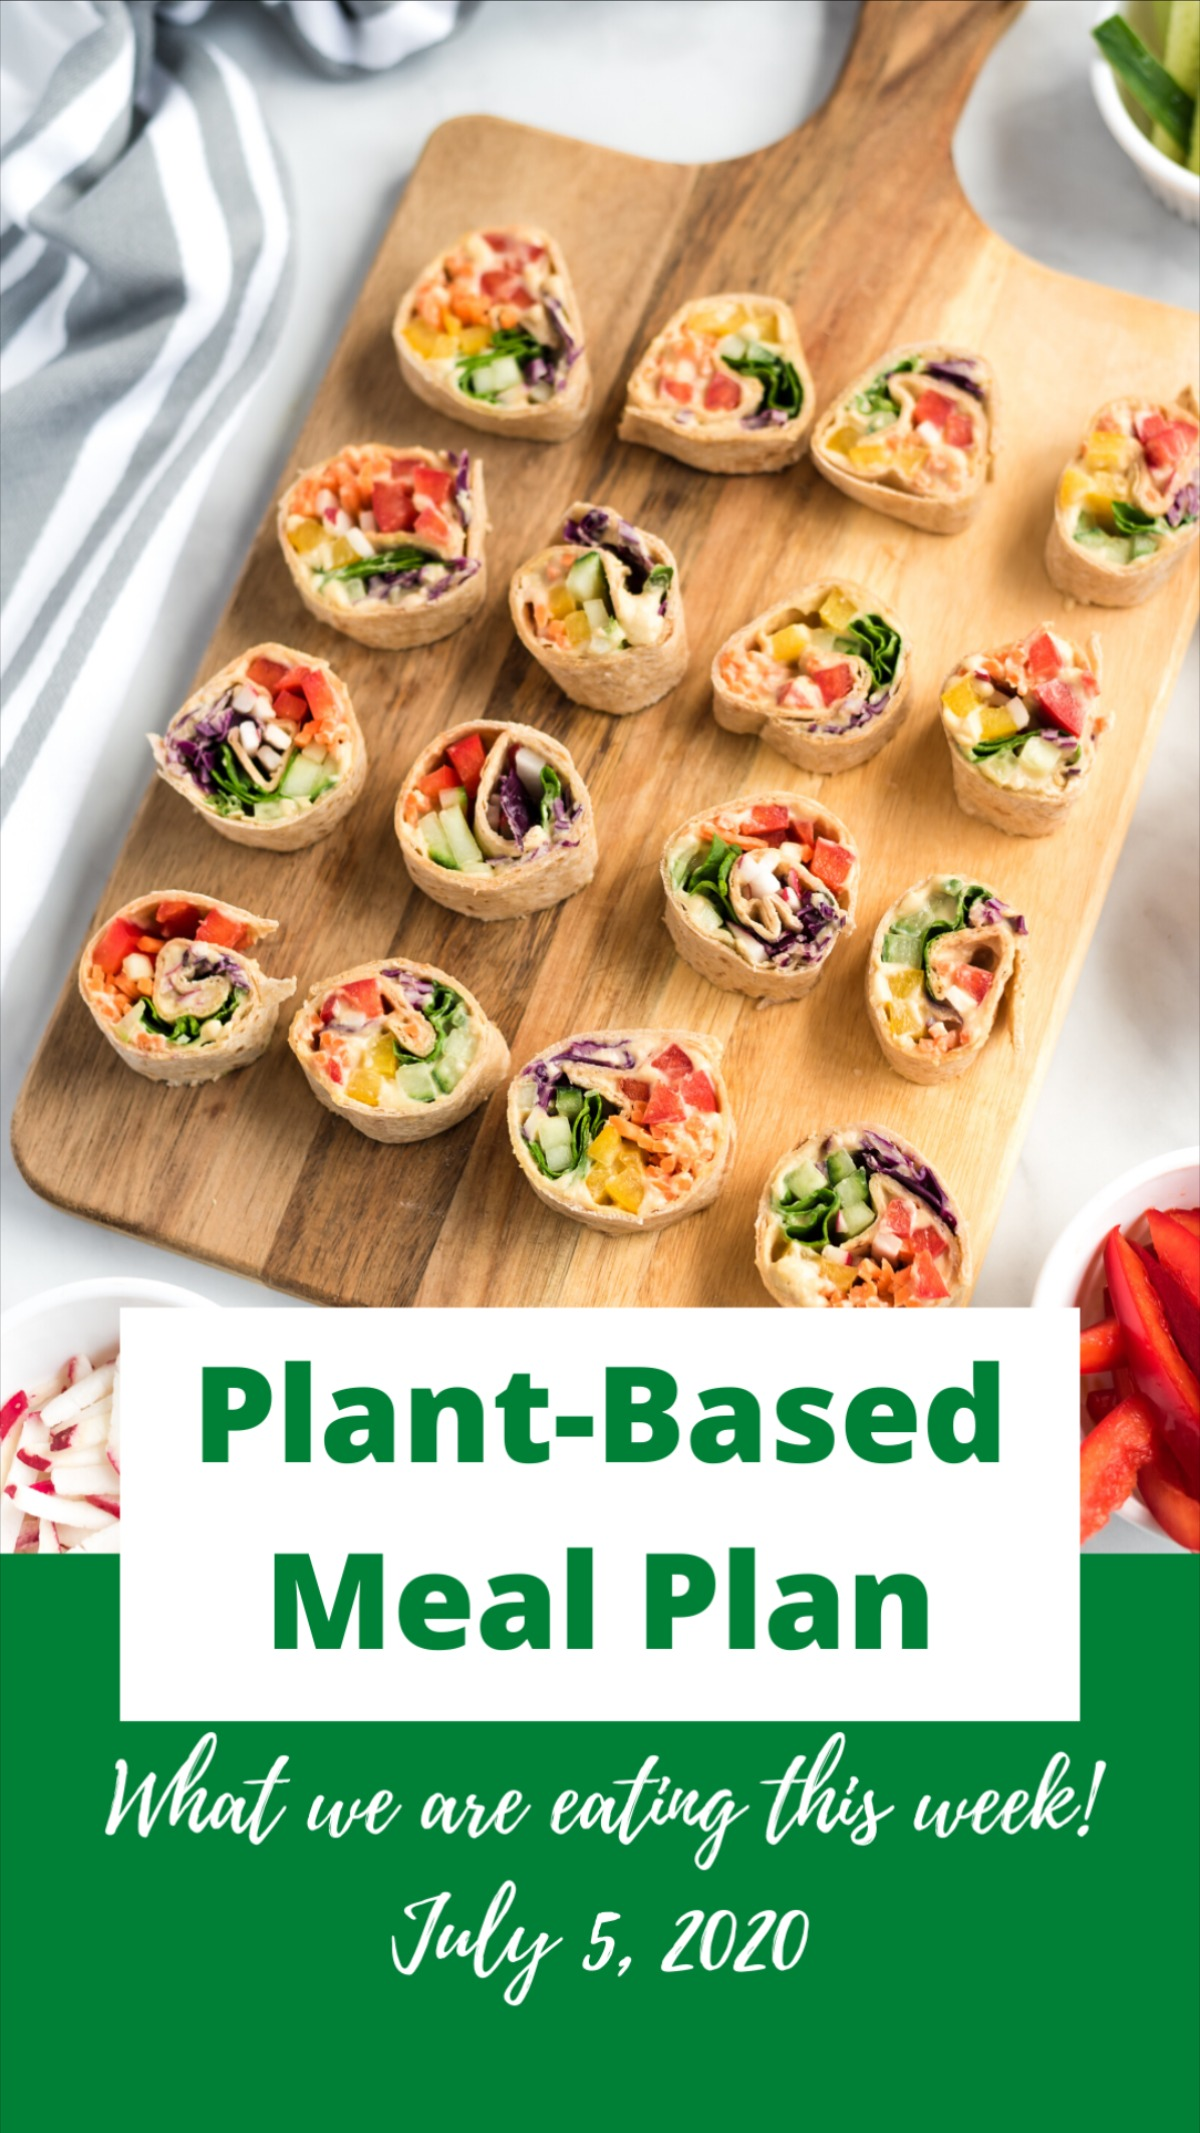 Summer Vegan Meal Plan